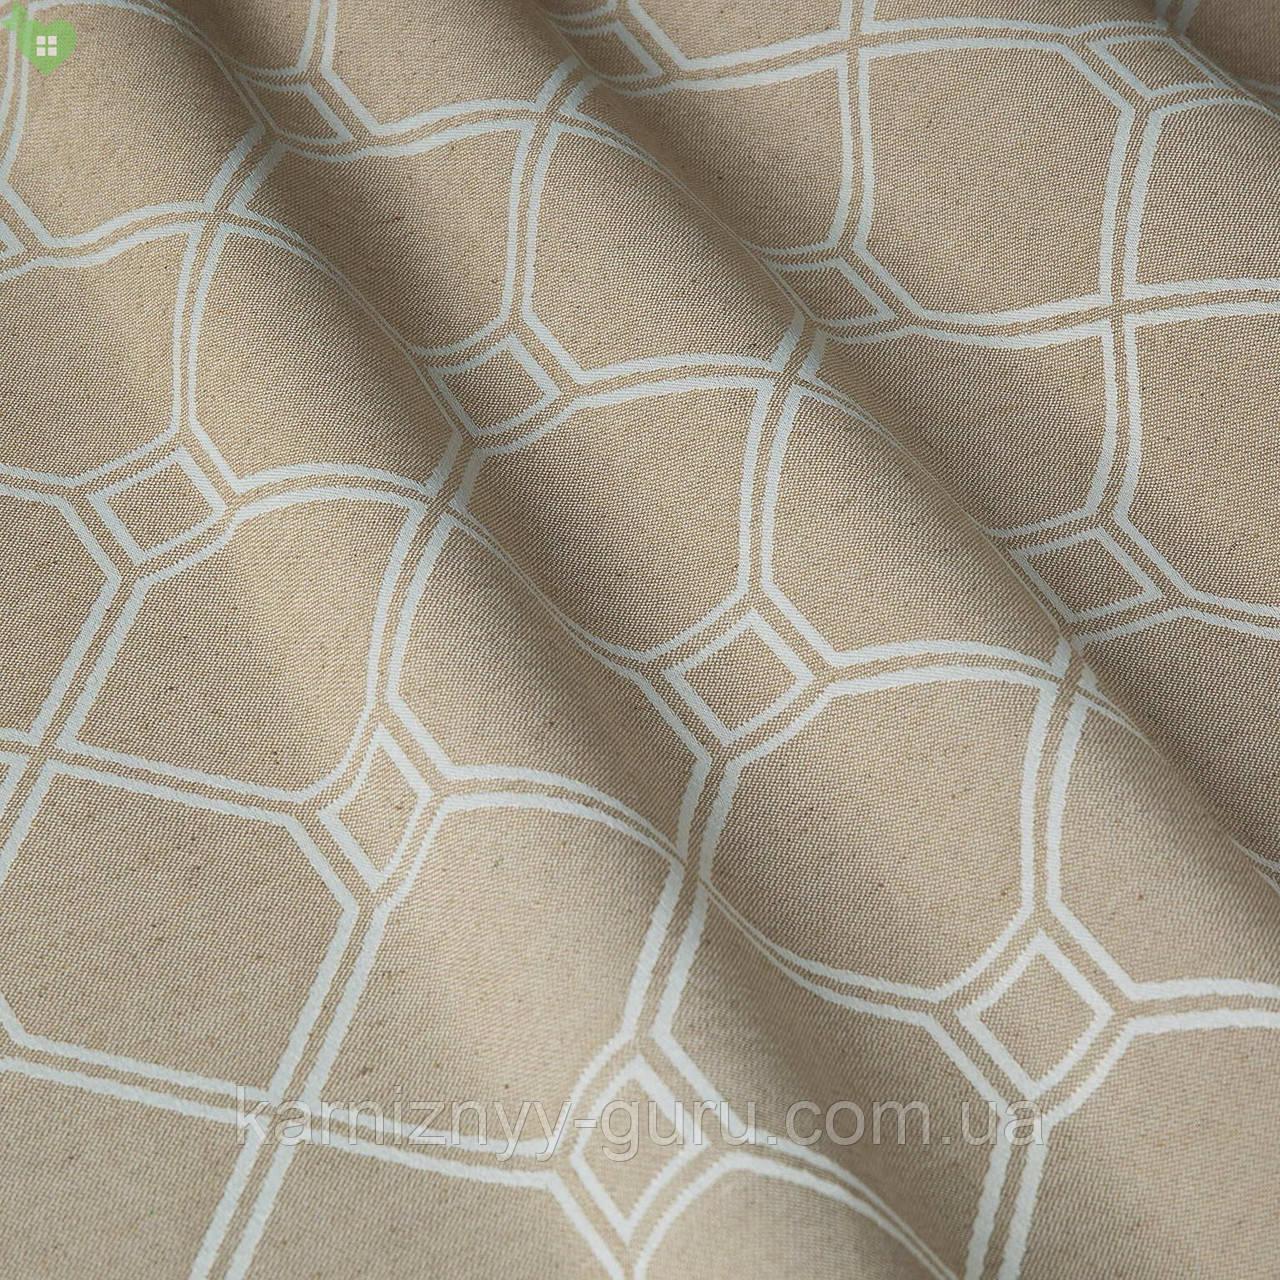 Декоративная ткань в ромбик с квадратами бежевого цвета жаккард Испания 83289v2